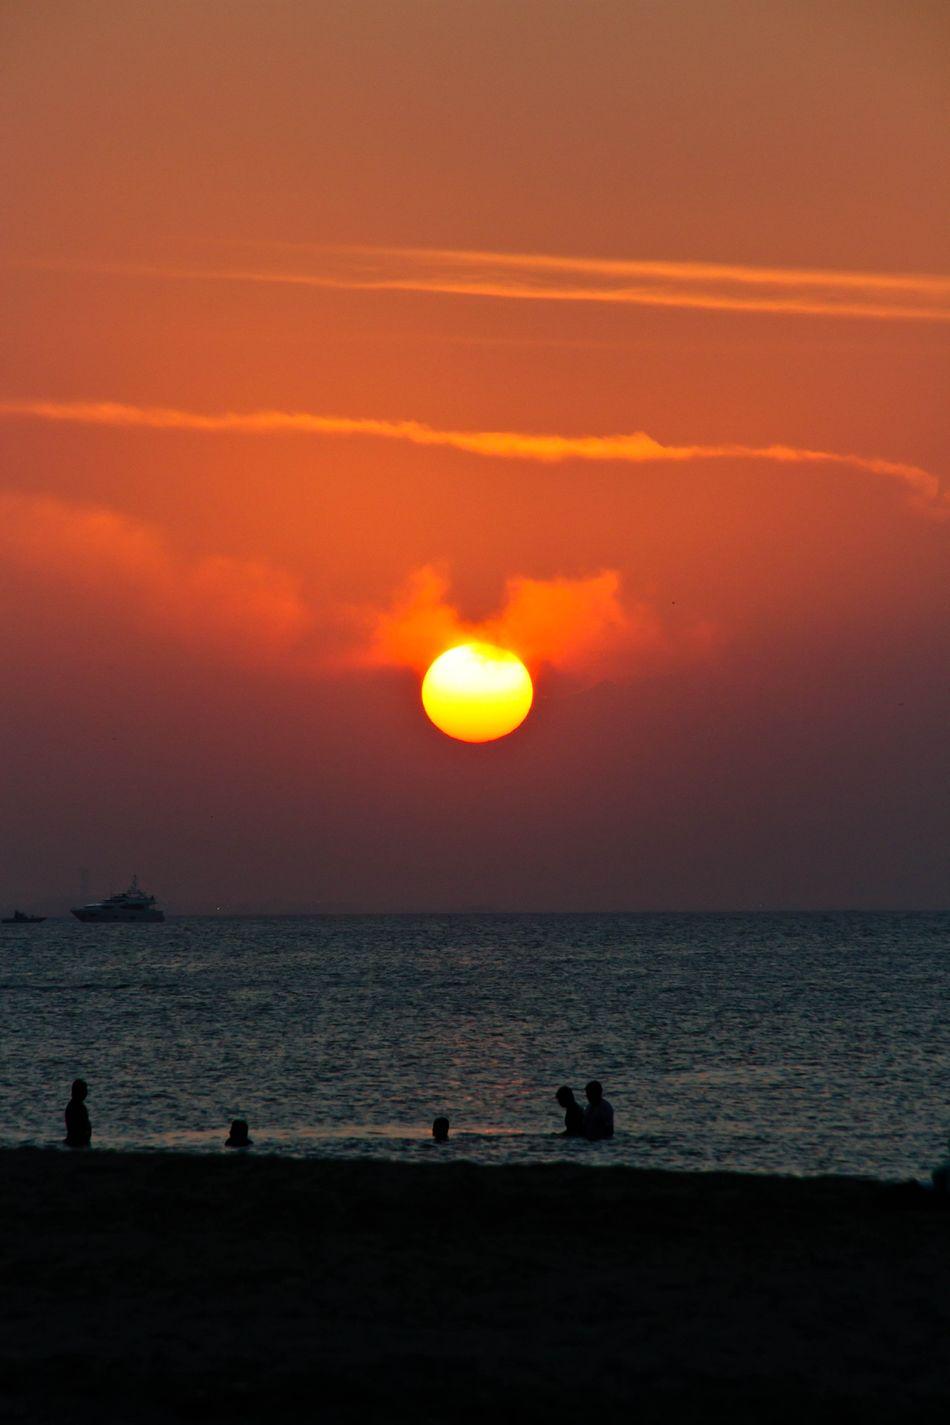 Oman Beach Sunset_collection Sunset Sunset Silhouettes Sunset Beach Orange Sun People Bathing Sea Ocean